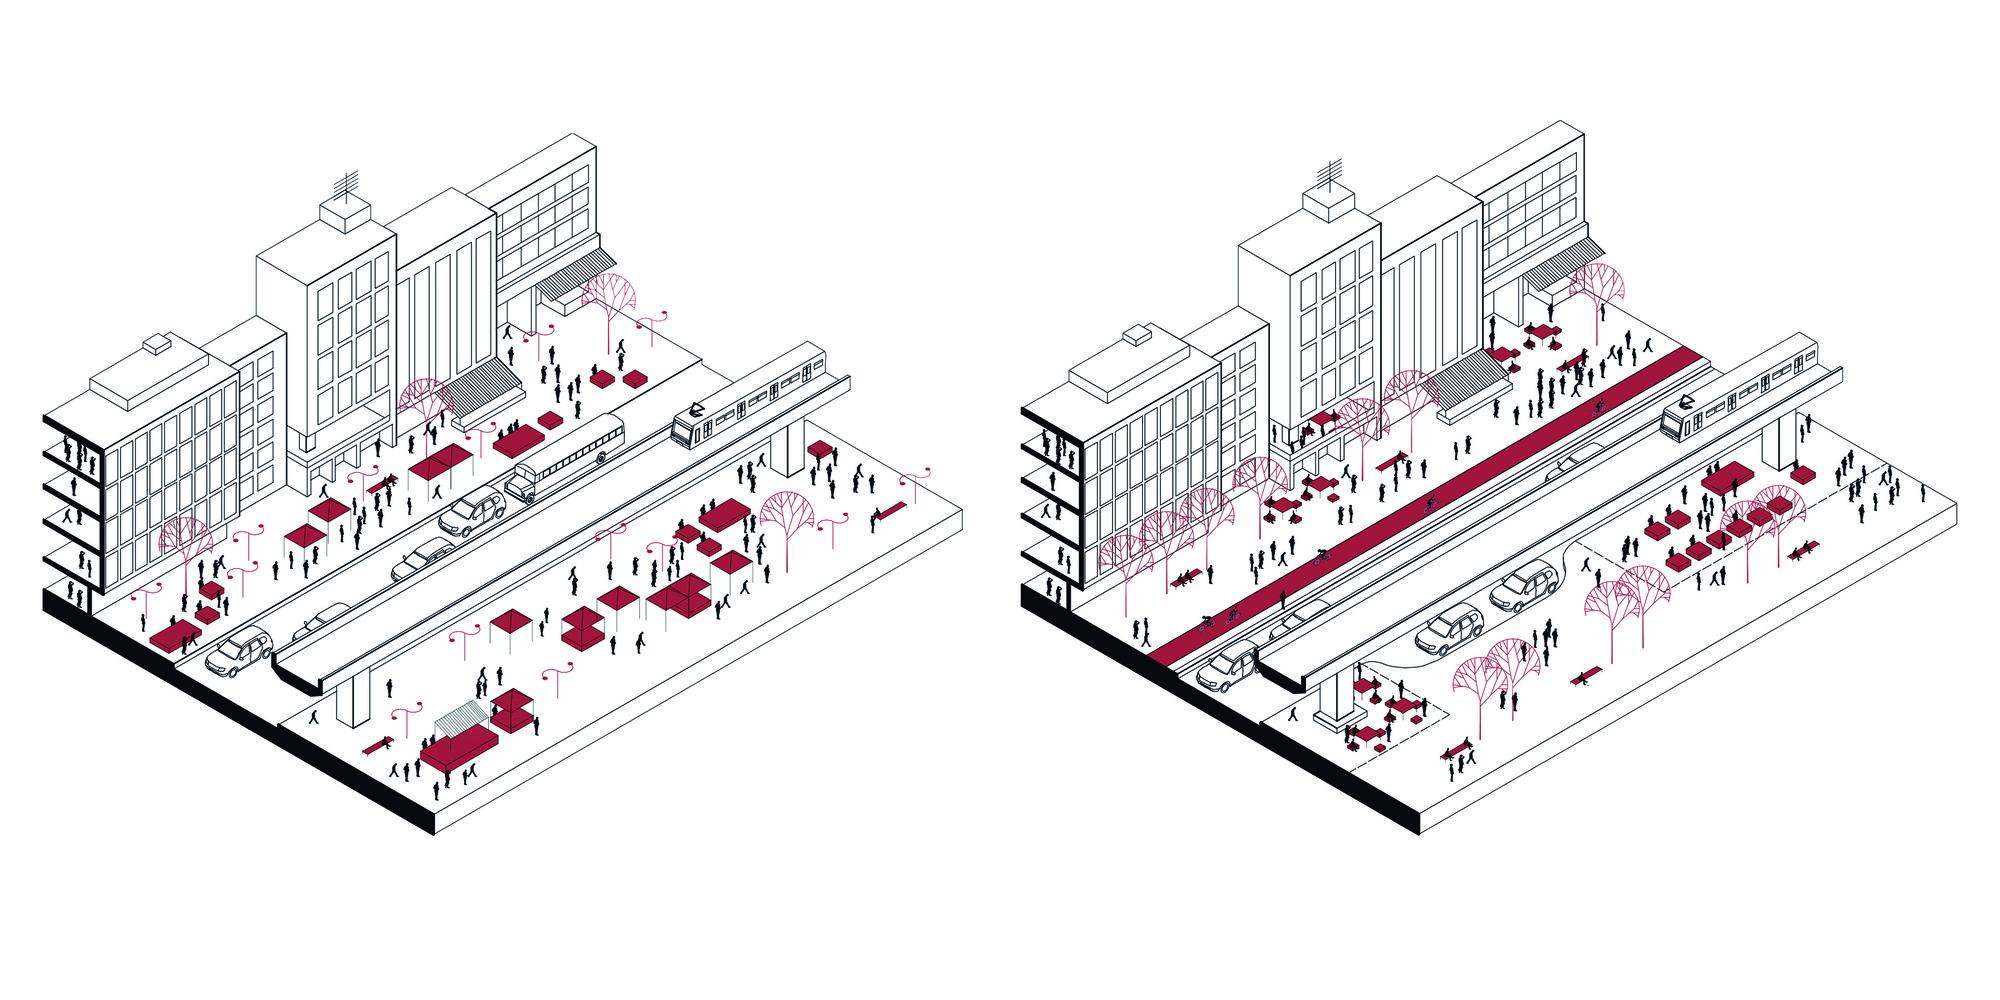 Situación actual y propuesta. Image Courtesy of L-A-P + OPUS